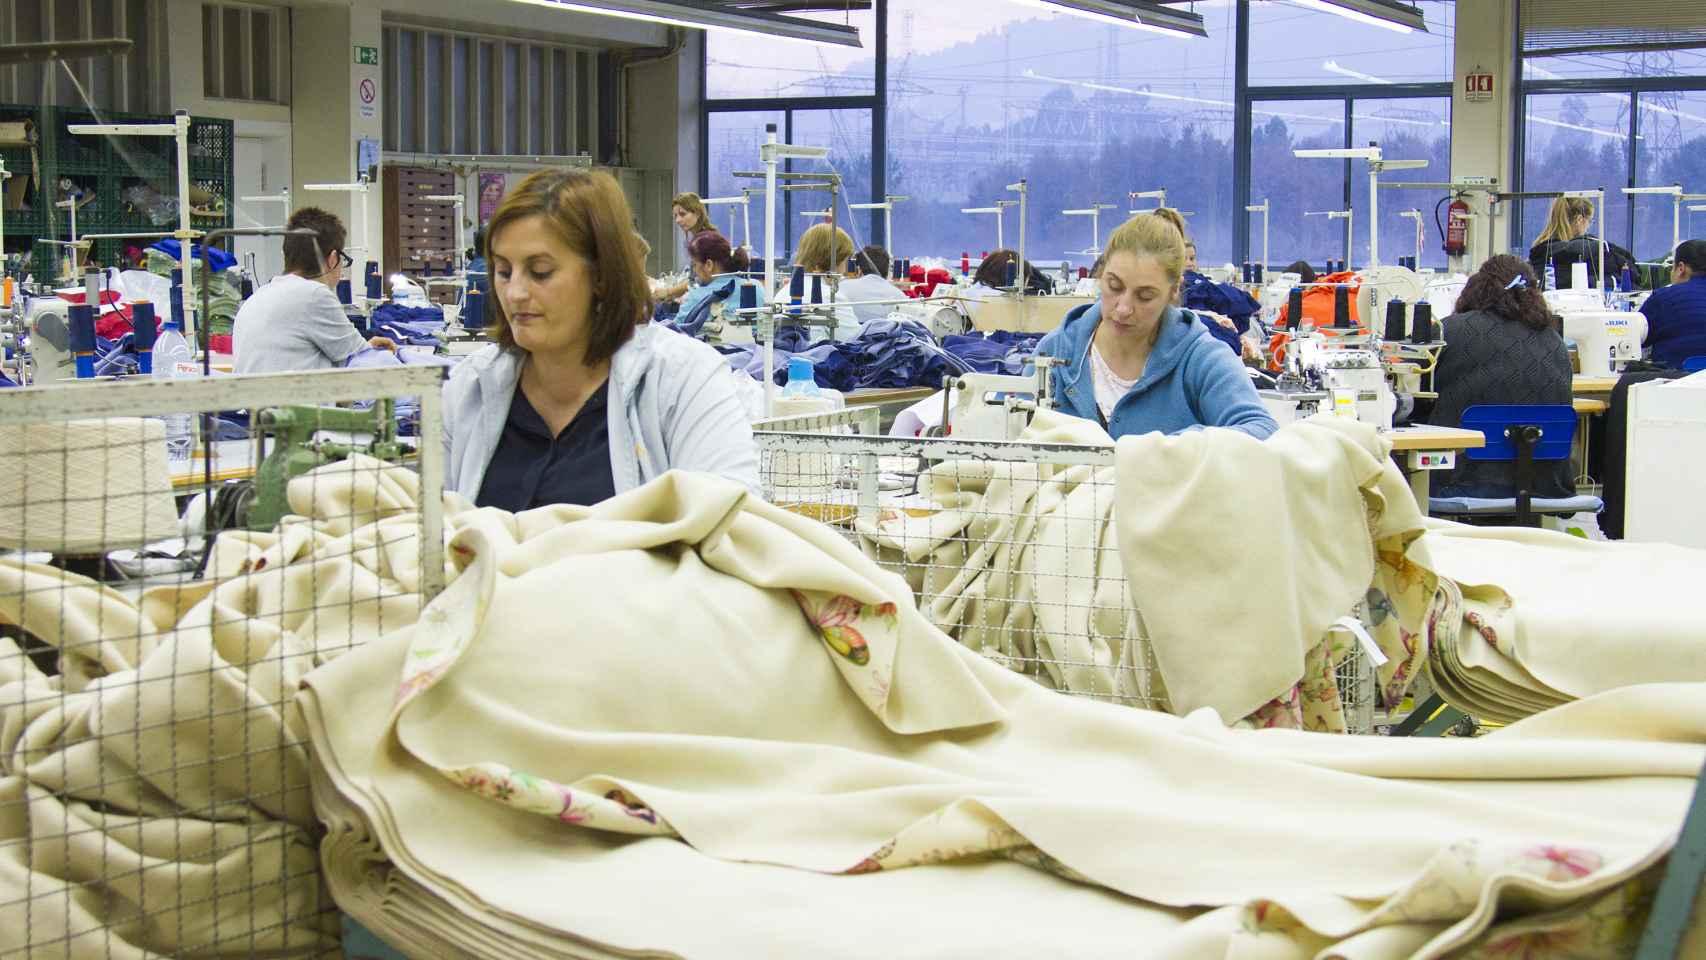 Costureras trabajan en la fábrica de Crispim Abreu en Serzedelo.